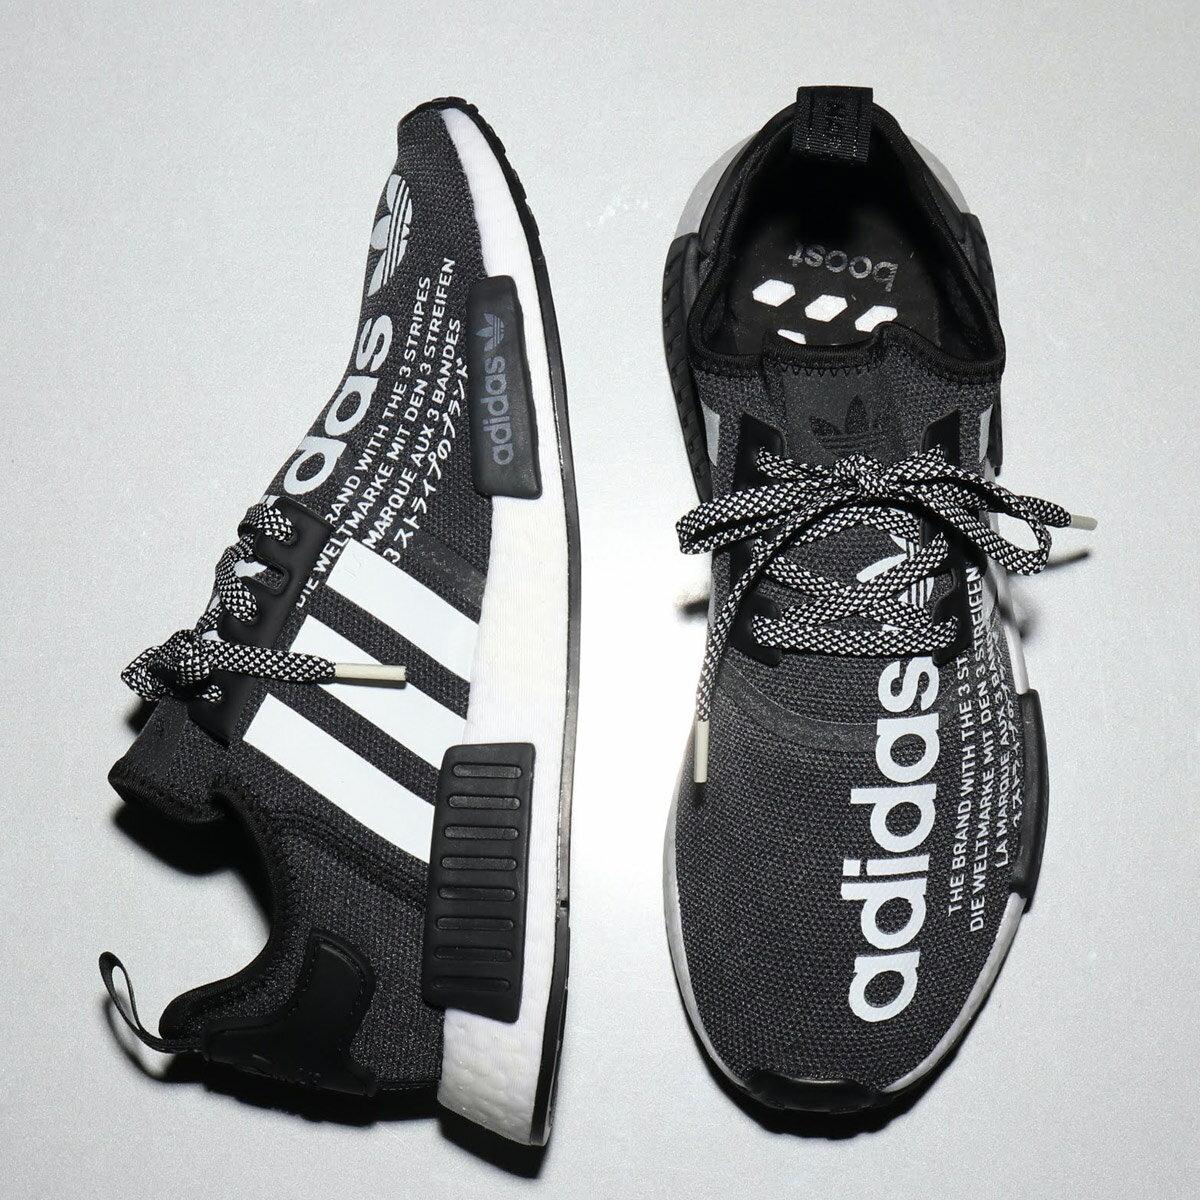 adidas Originals NMD_R1 ATMOS (アディダス オリジナルス エヌエムディ_R1 アトモス)CORE BLACK/RUNNING WHITE/CORE BLACK【メンズ レディース スニーカー】18FW-I